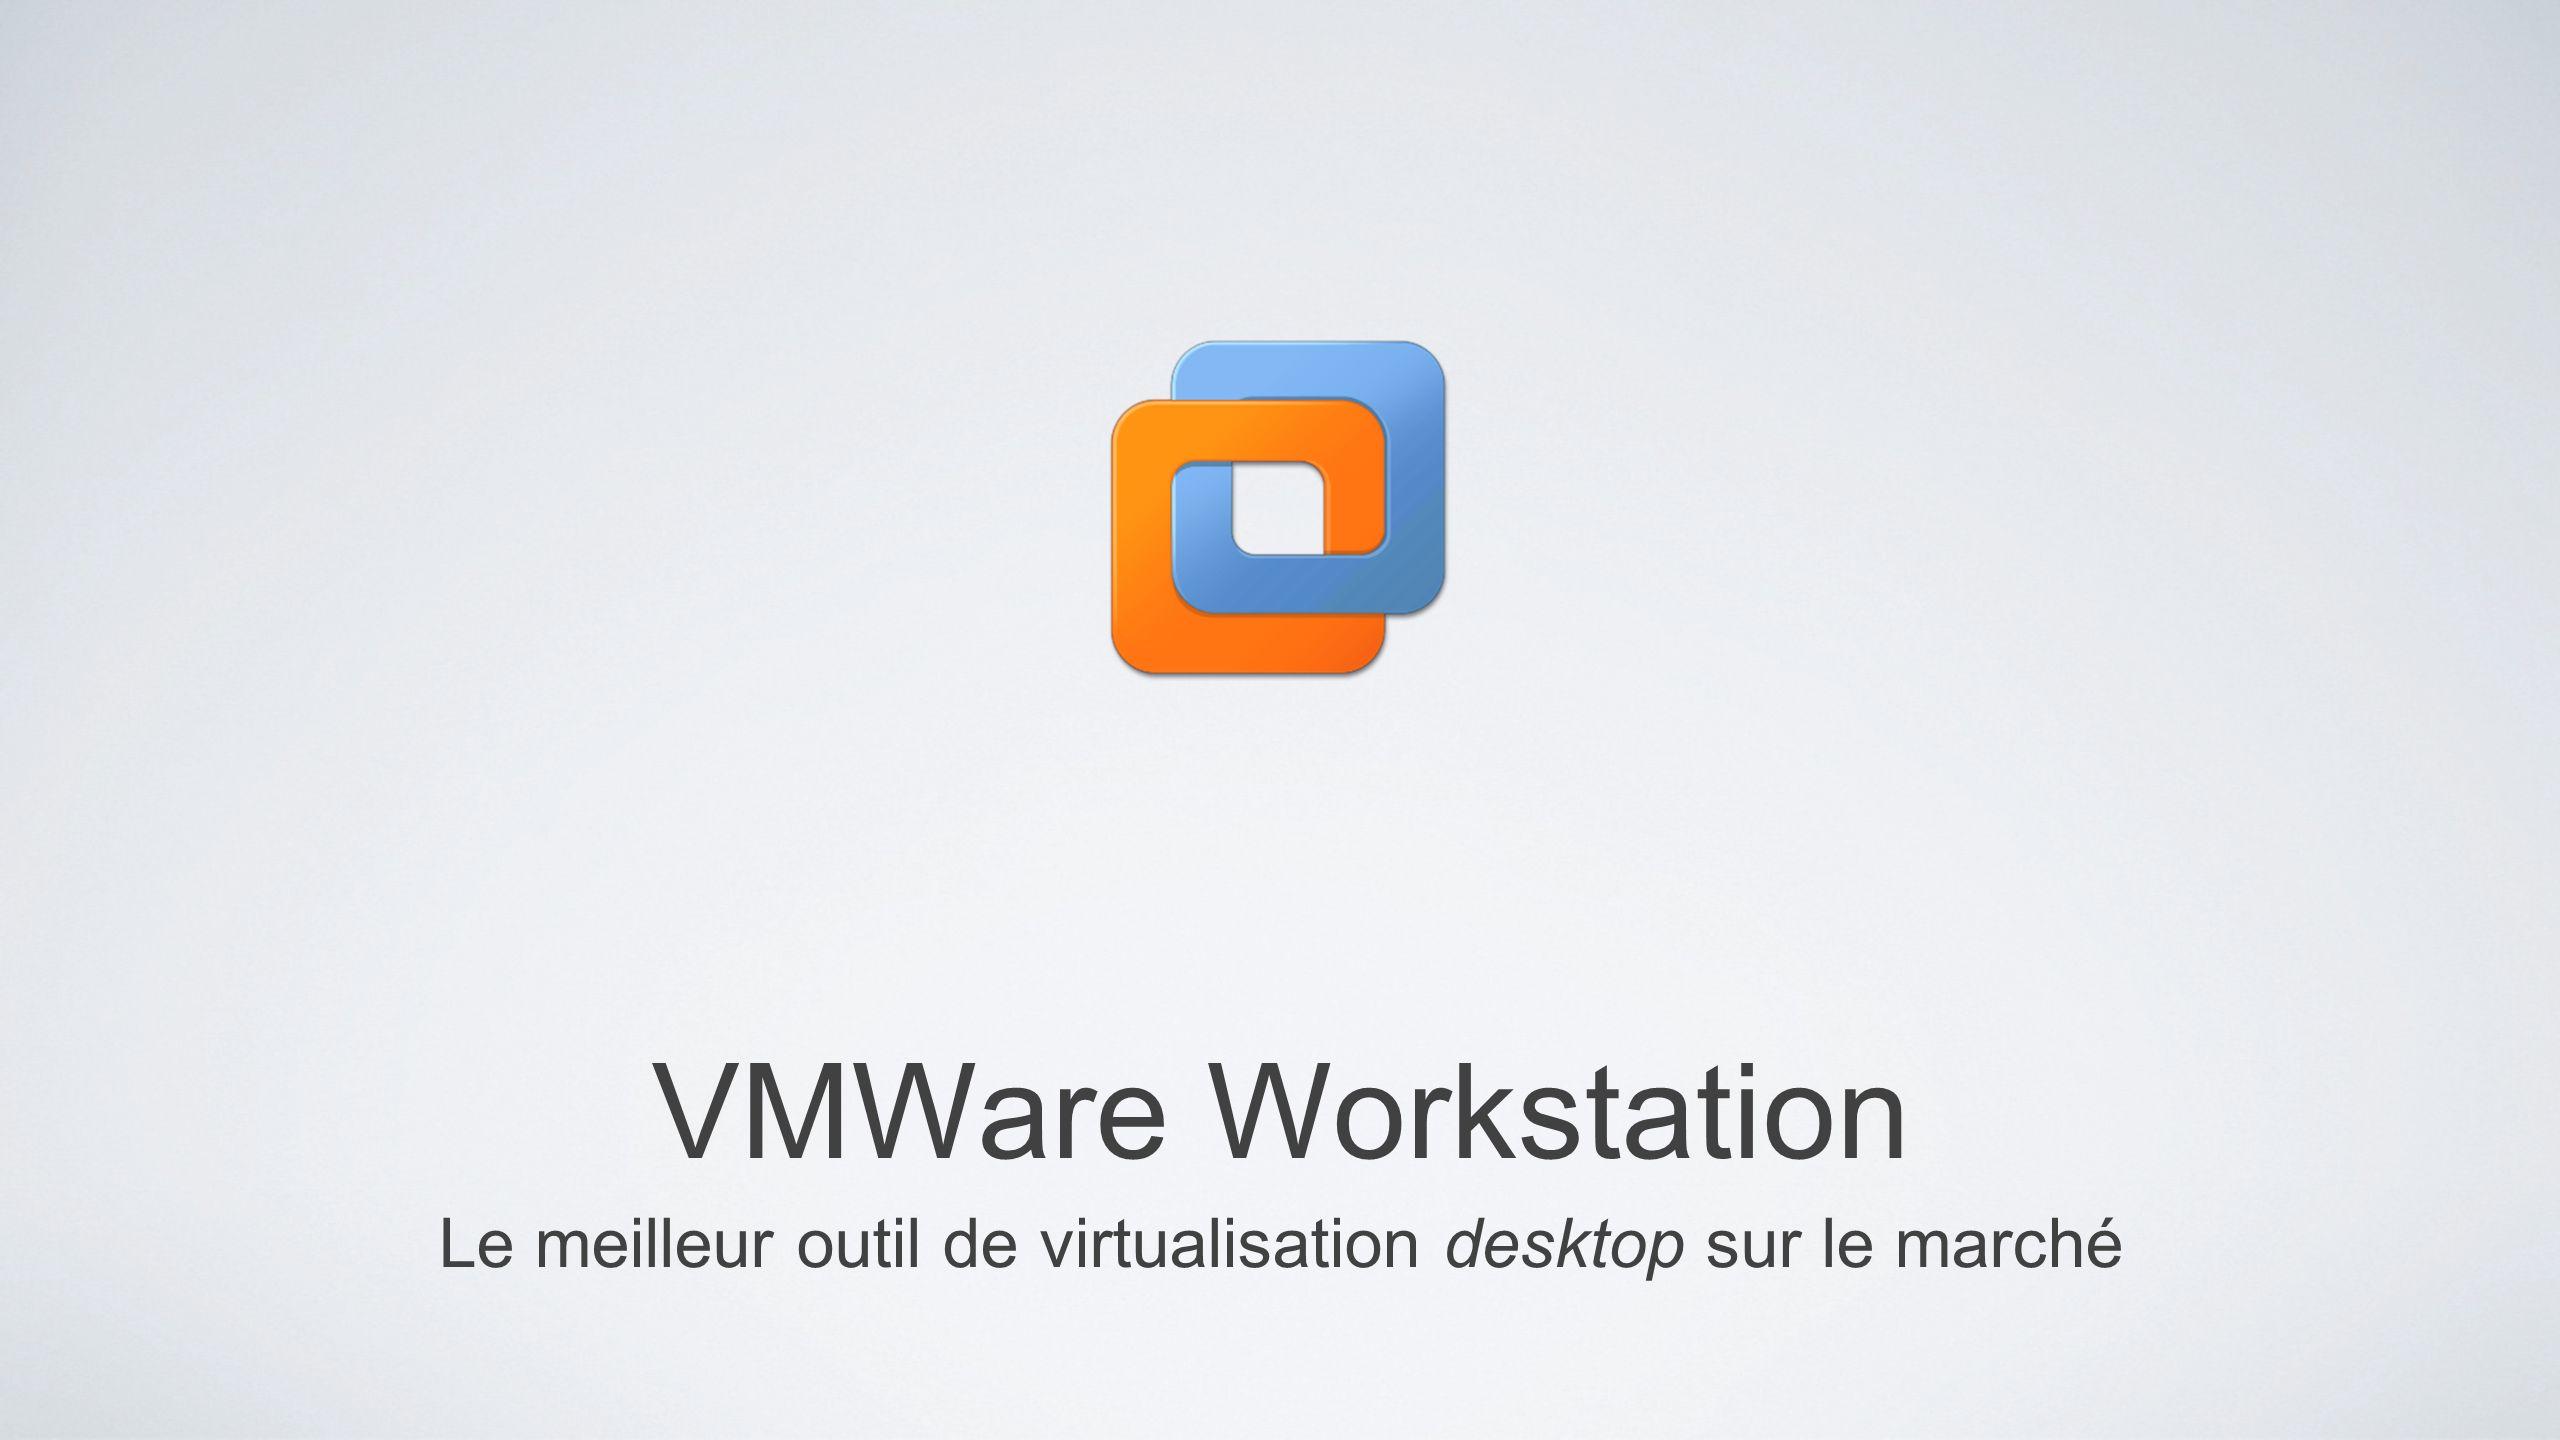 VMWare Workstation Le meilleur outil de virtualisation desktop sur le marché